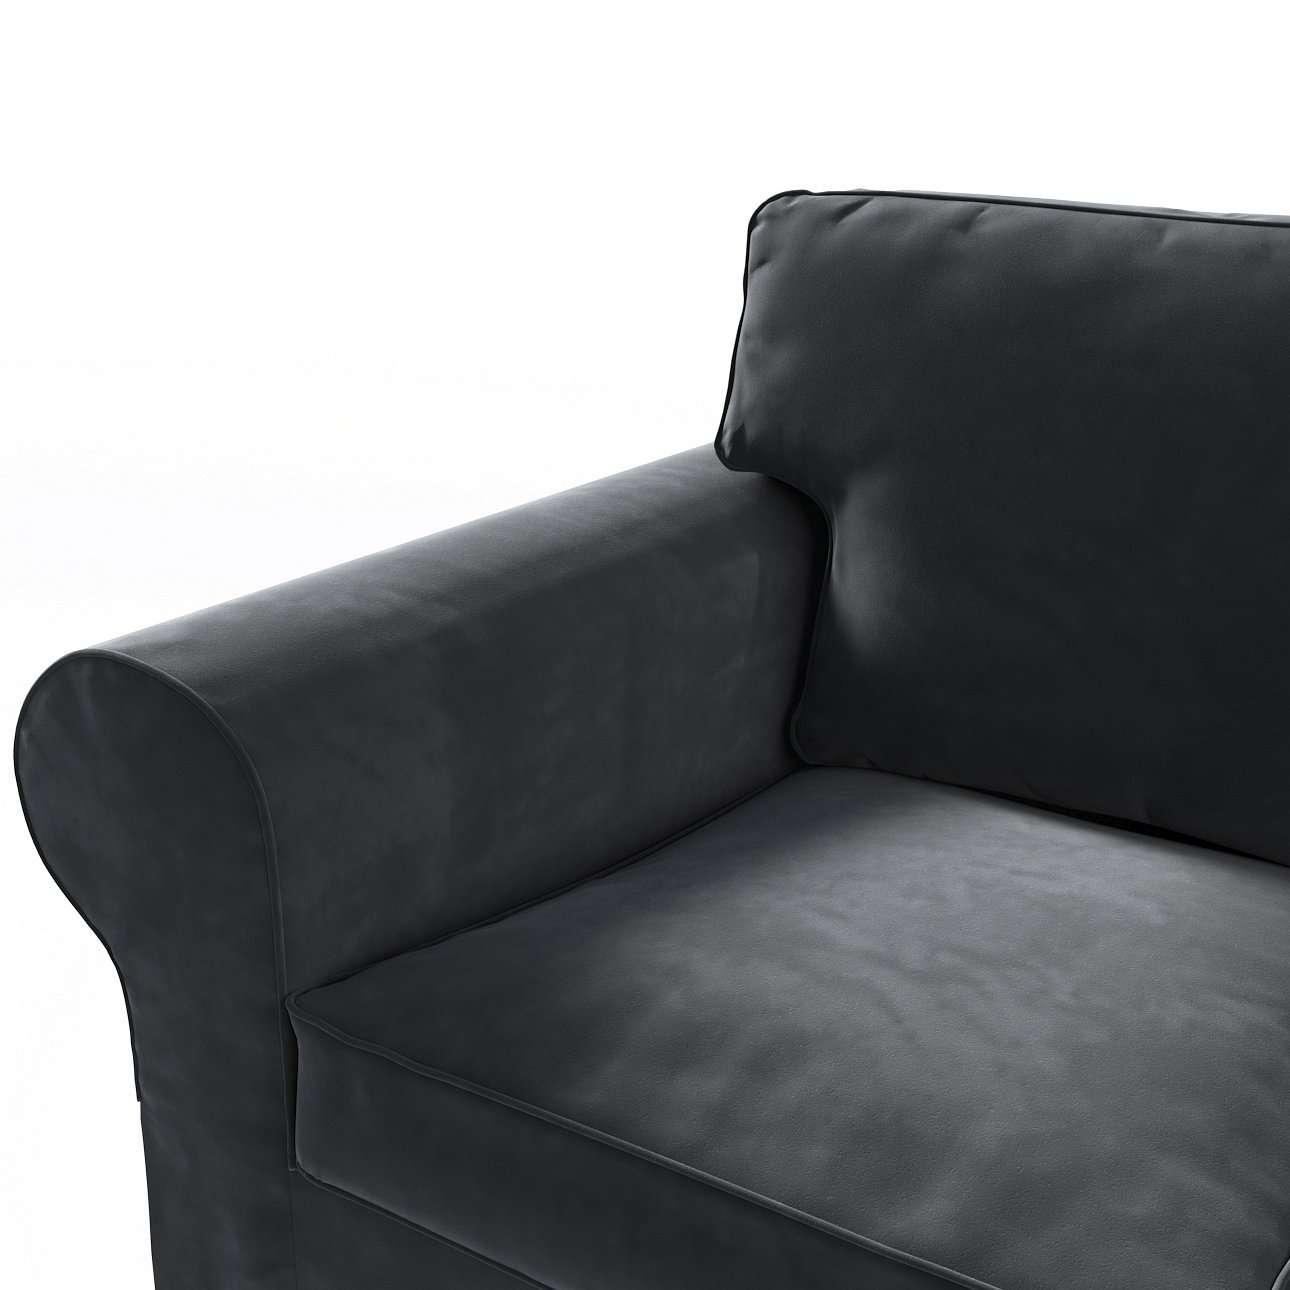 Pokrowiec na sofę Ektorp 3-osobową, rozkładaną w kolekcji Velvet, tkanina: 704-17